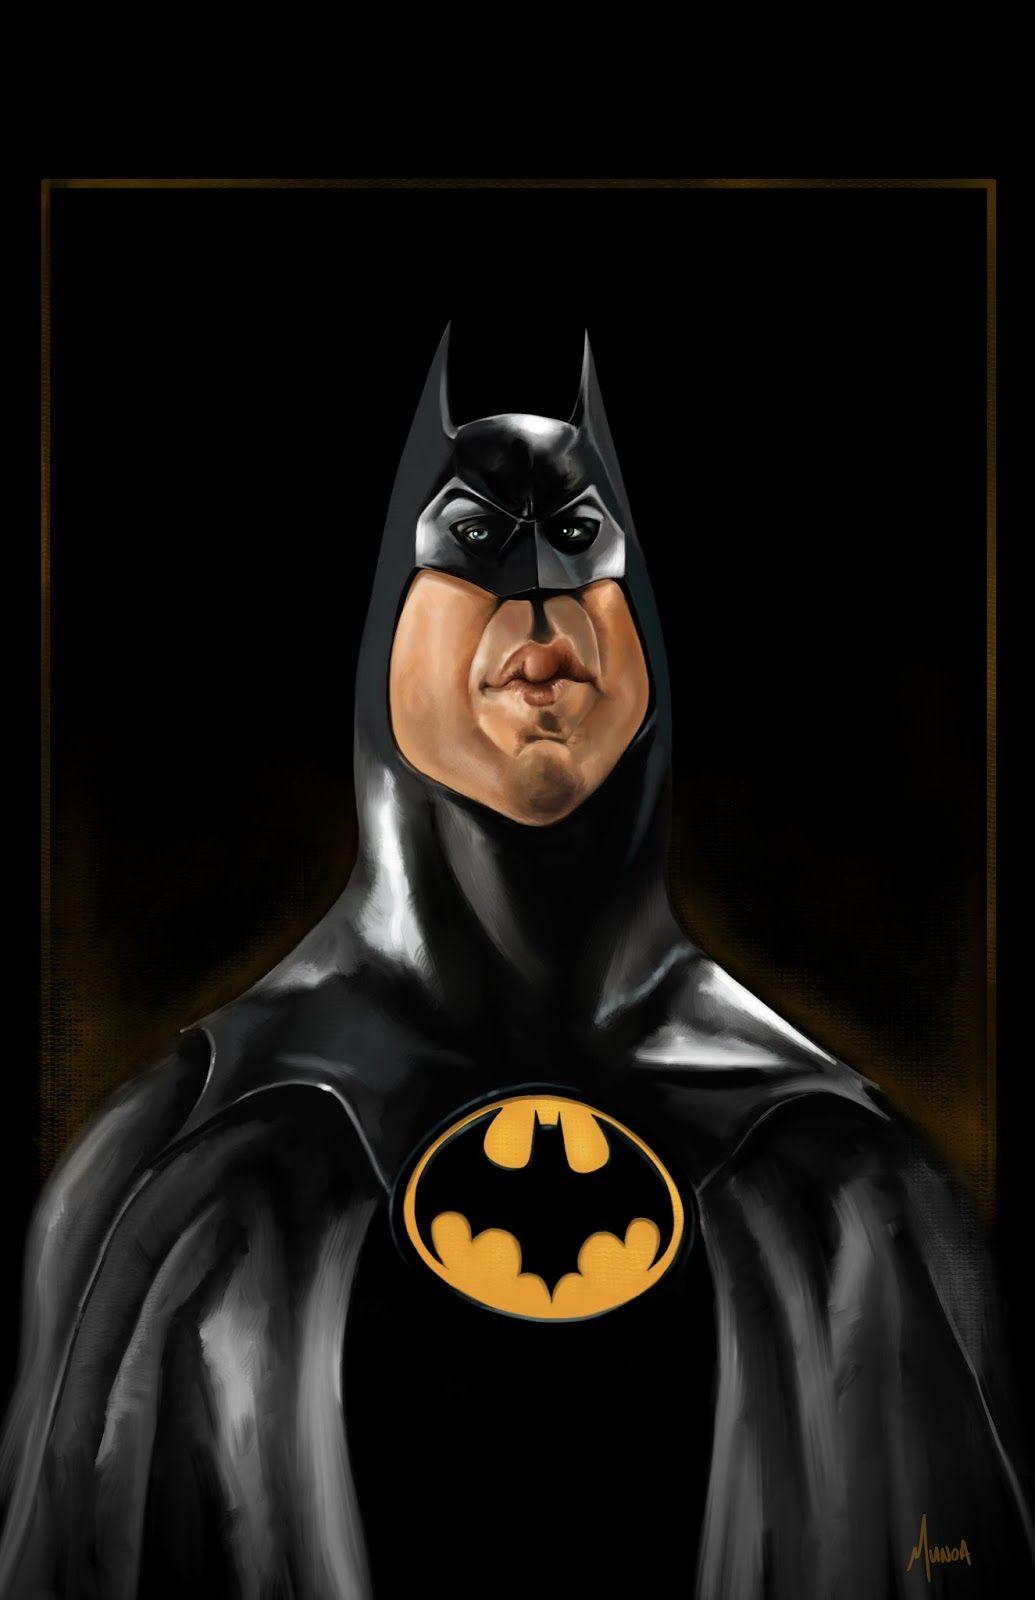 Прикольные картинки по бэтмену